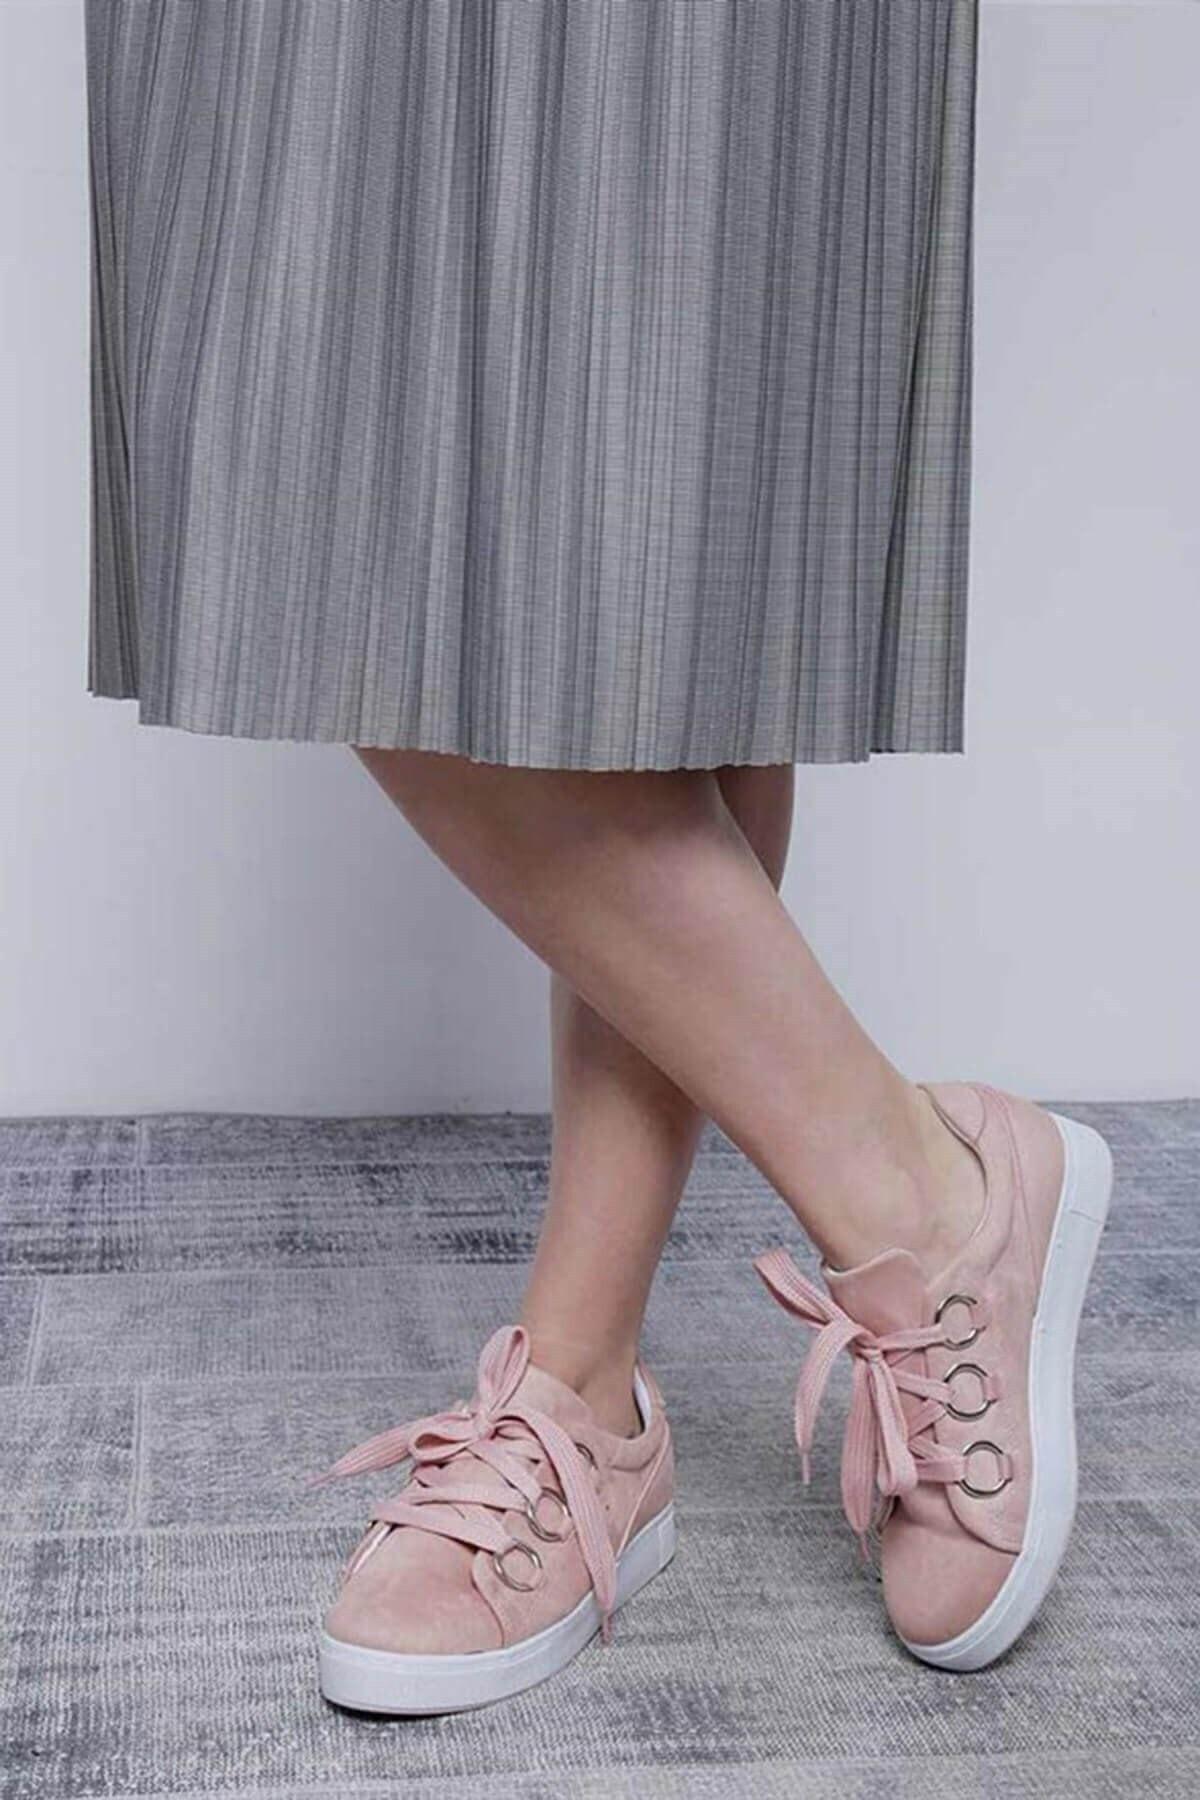 Mossta Kadın Pembe Kalın Bağcıklı Süet Spor Ayakkabı 2